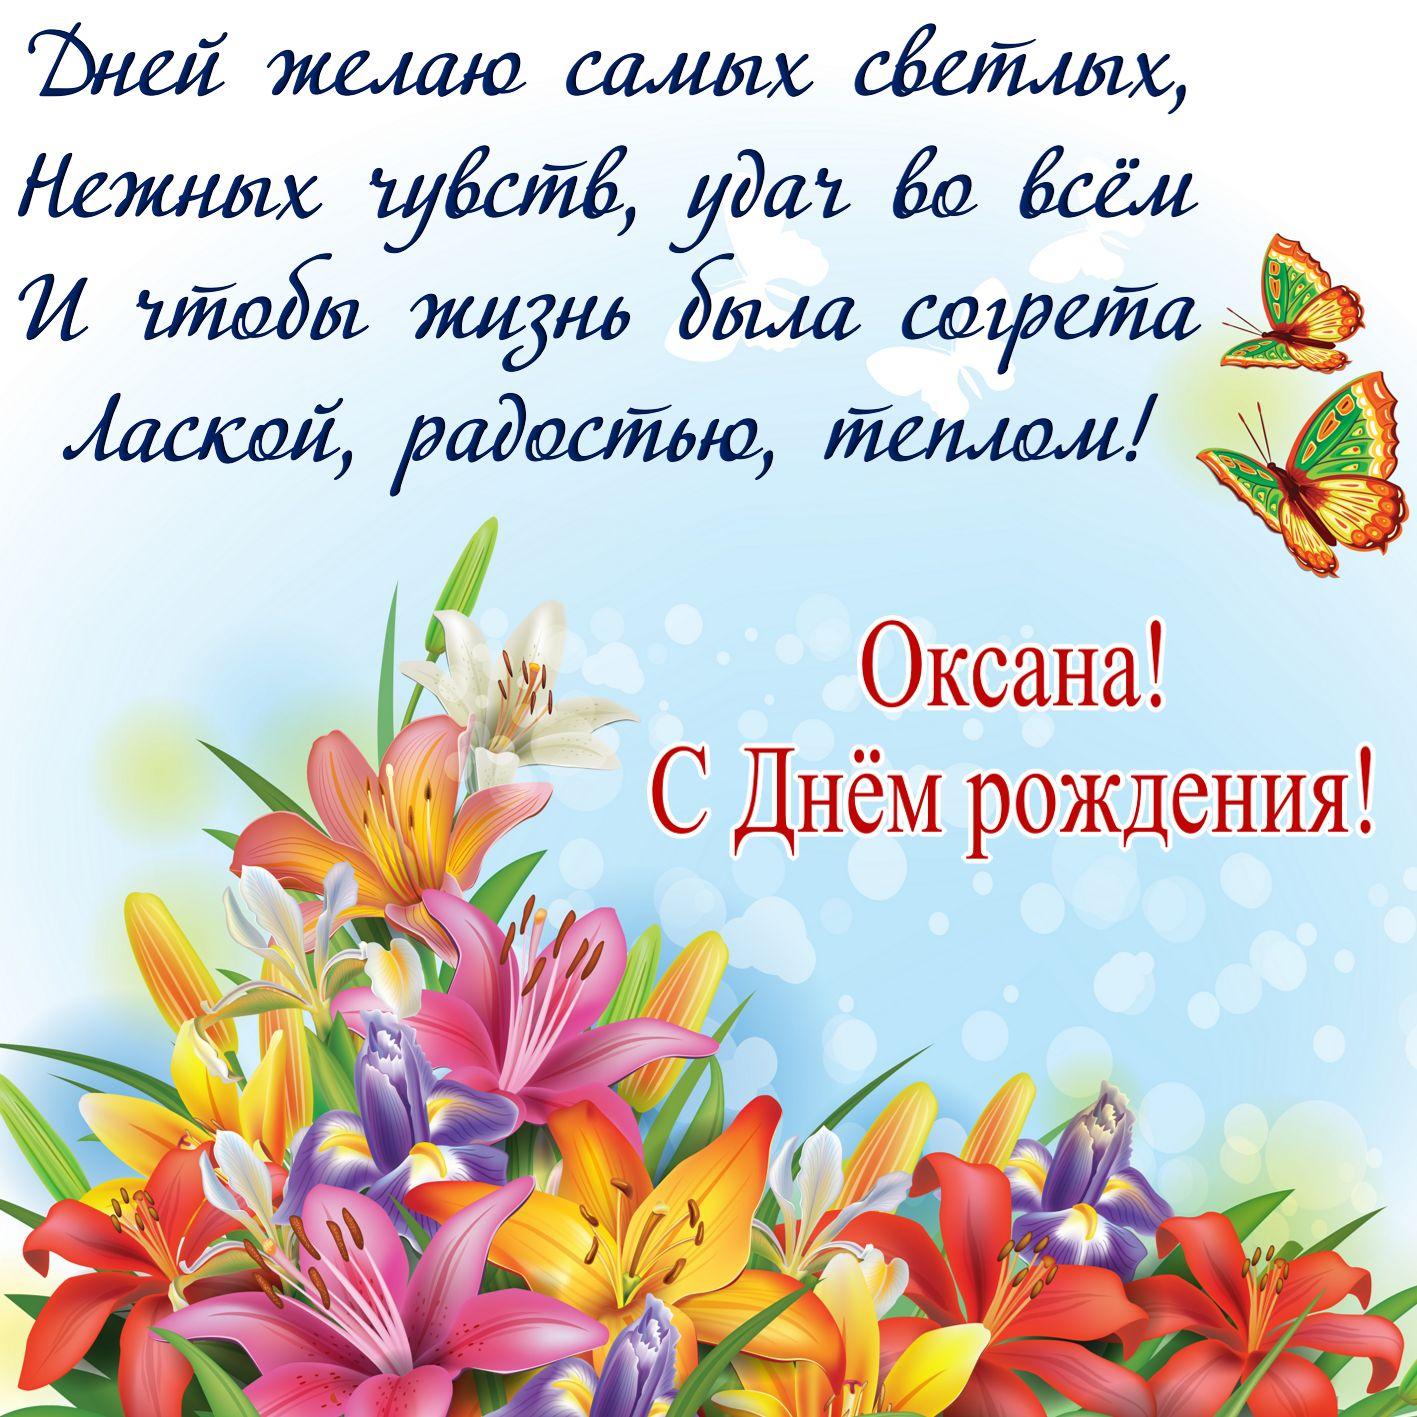 Пожелание для Оксаны на фоне из цветов